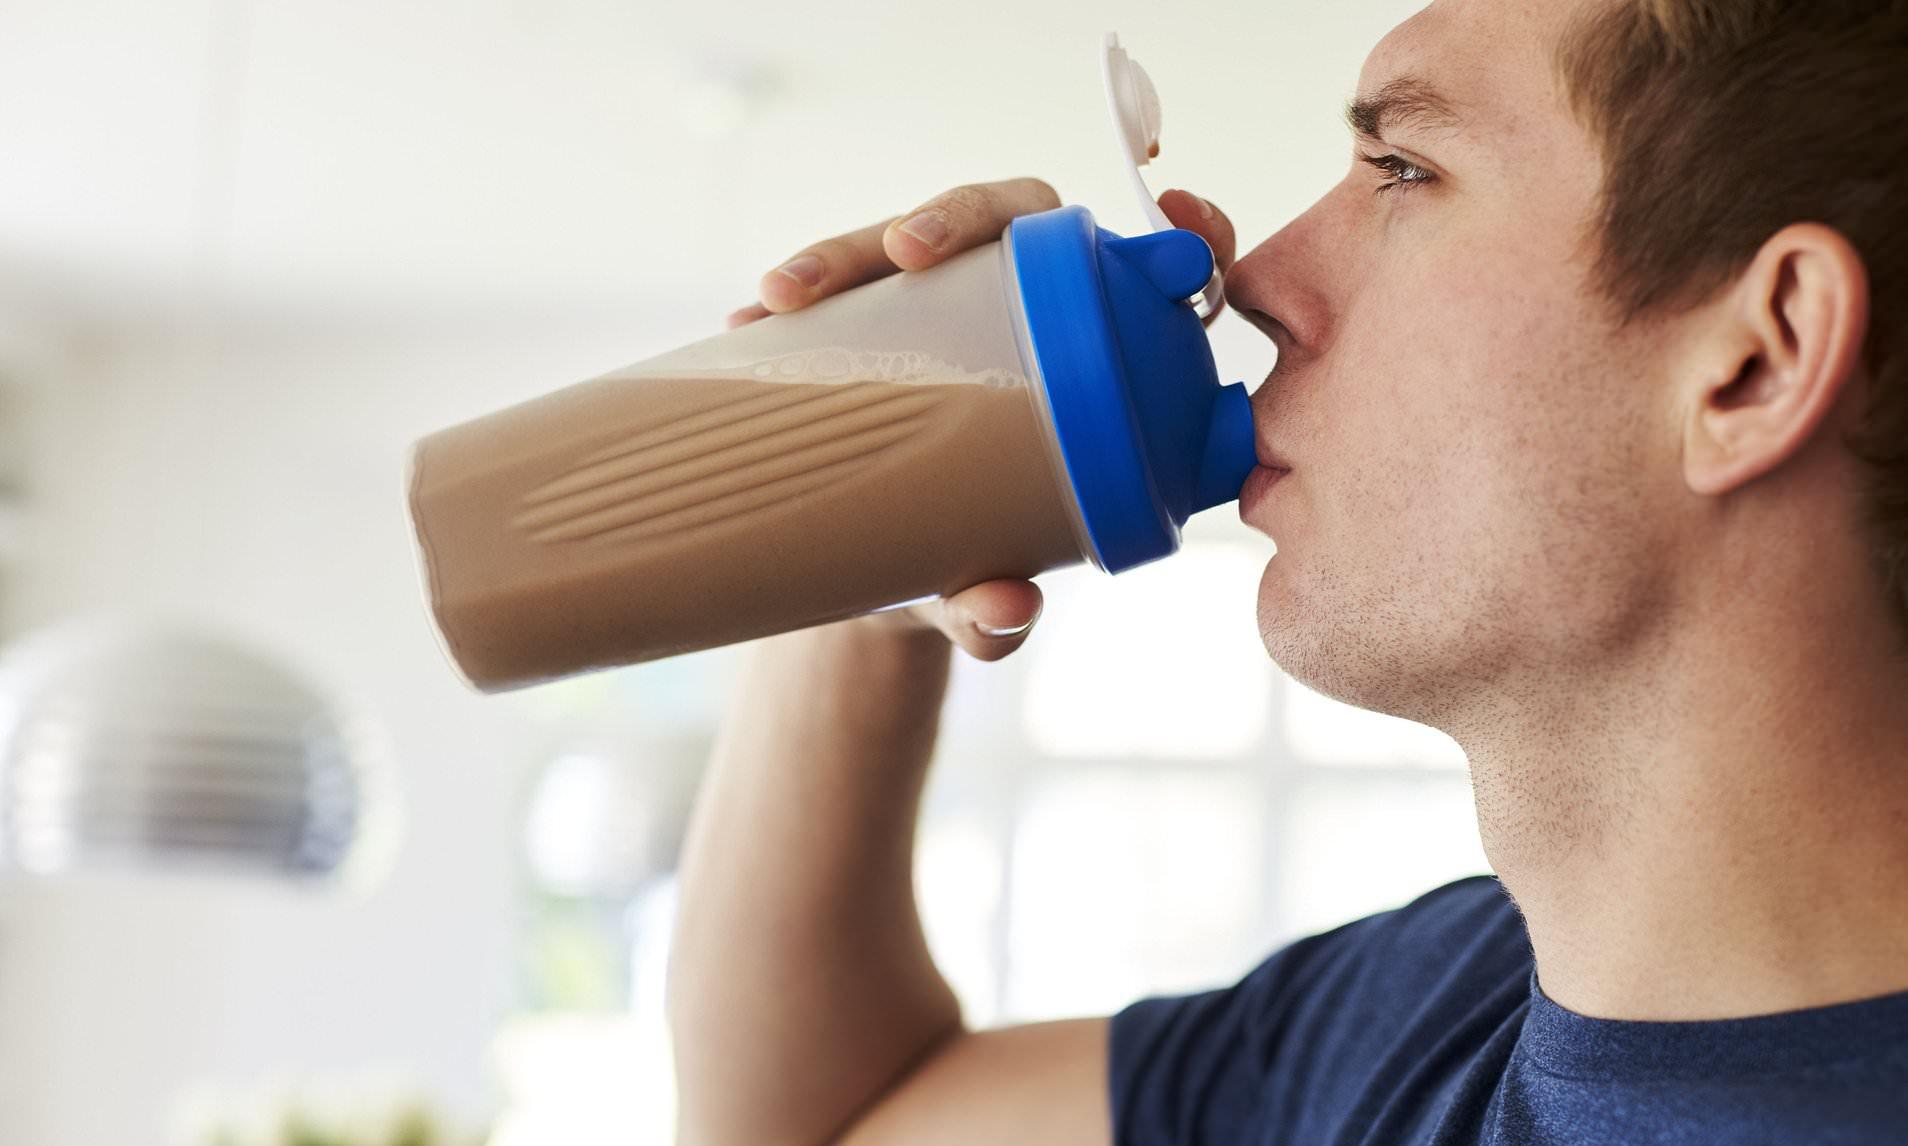 مكملات غذائية لزيادة الوزن